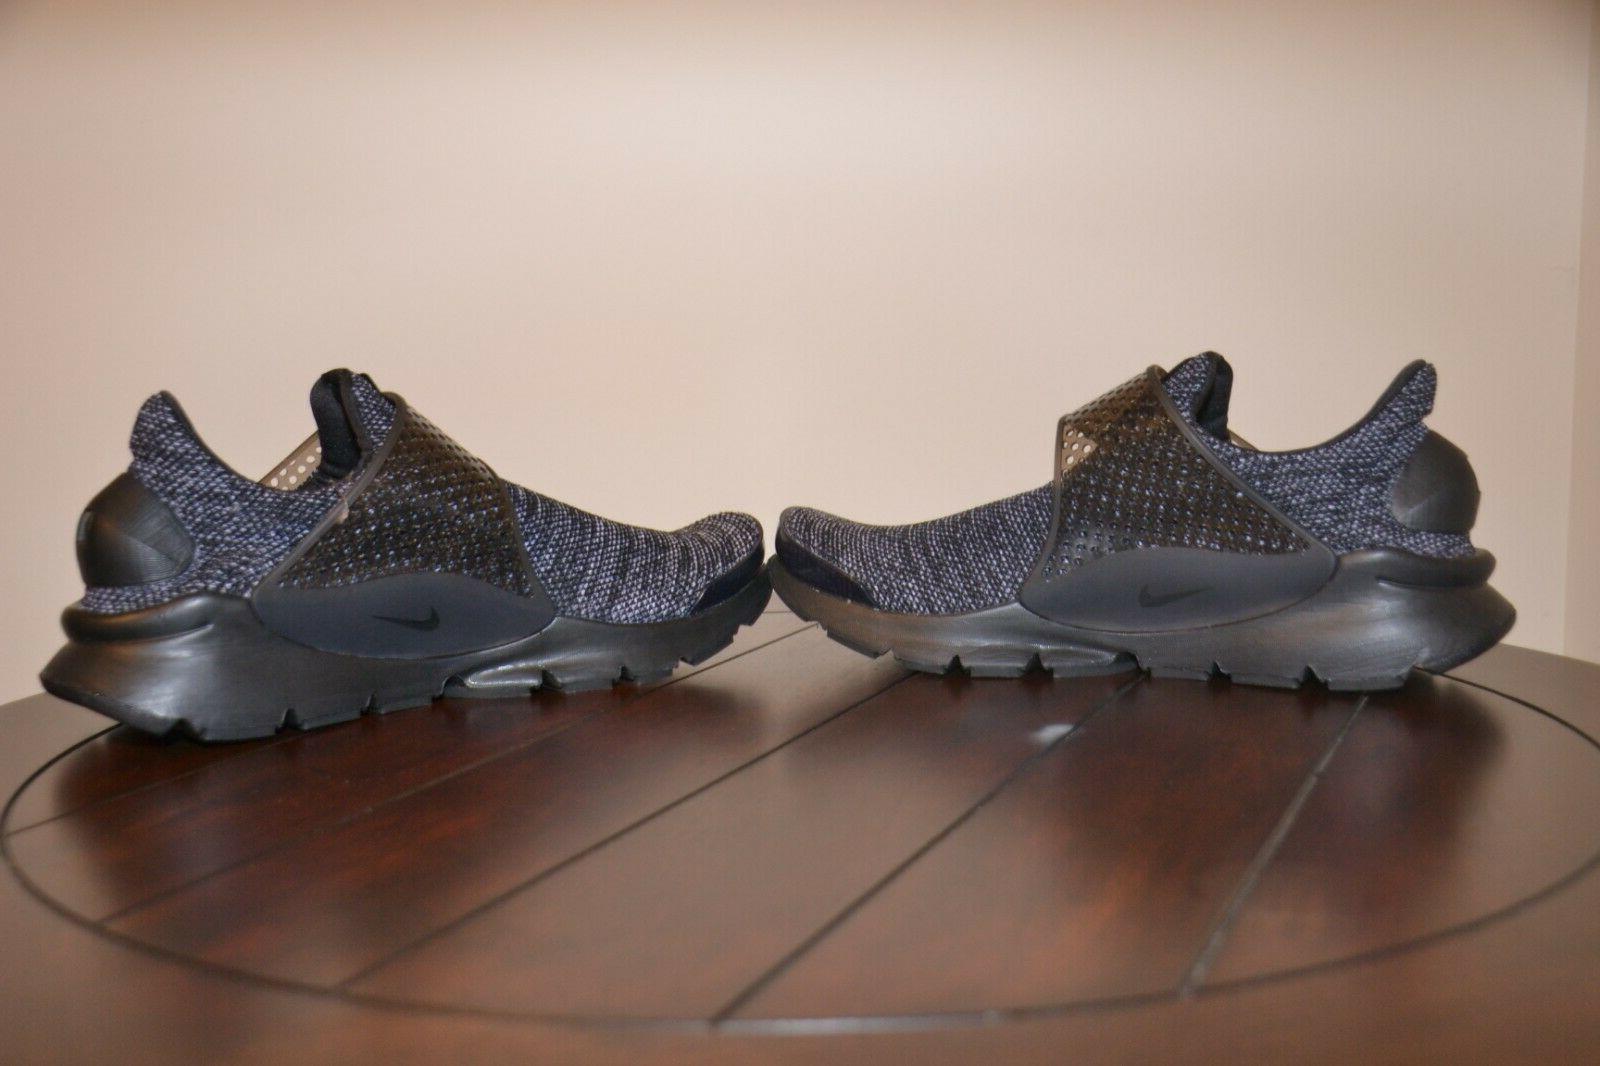 NIKE BREATHE Size 9 Nike 909551-001